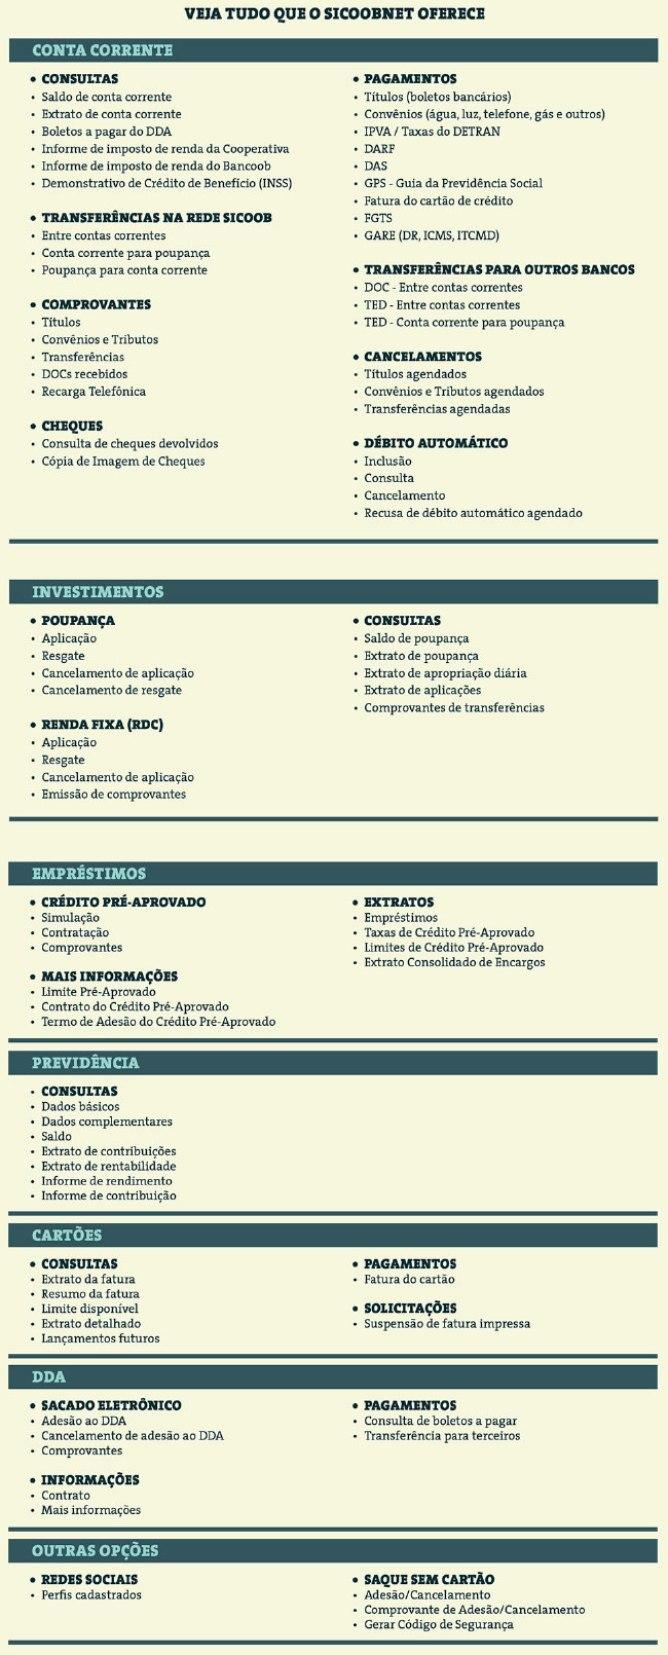 funcionalidades_sicoobnet